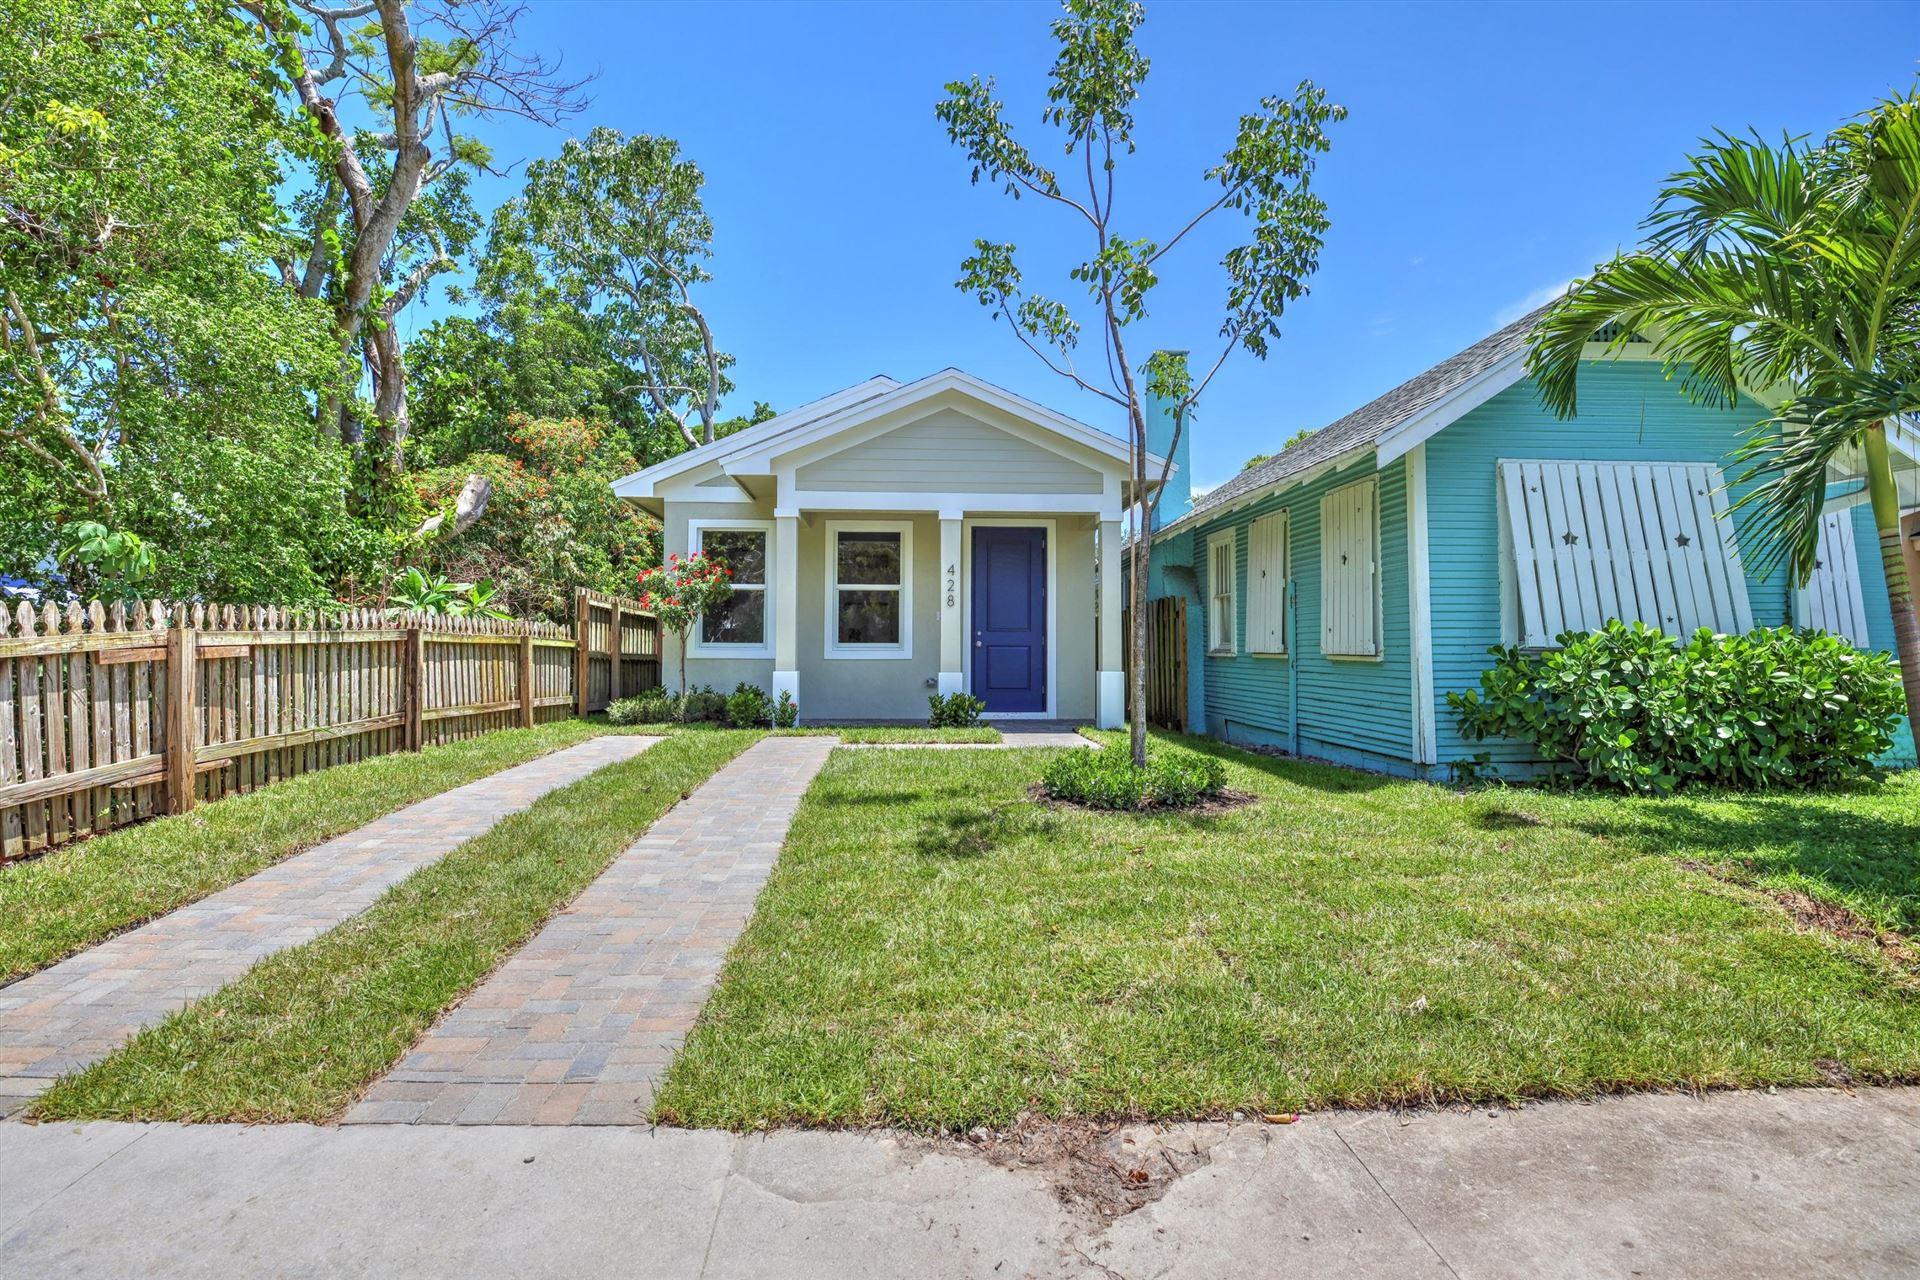 428 N D Street, Lake Worth, FL 33460 - MLS#: RX-10732361